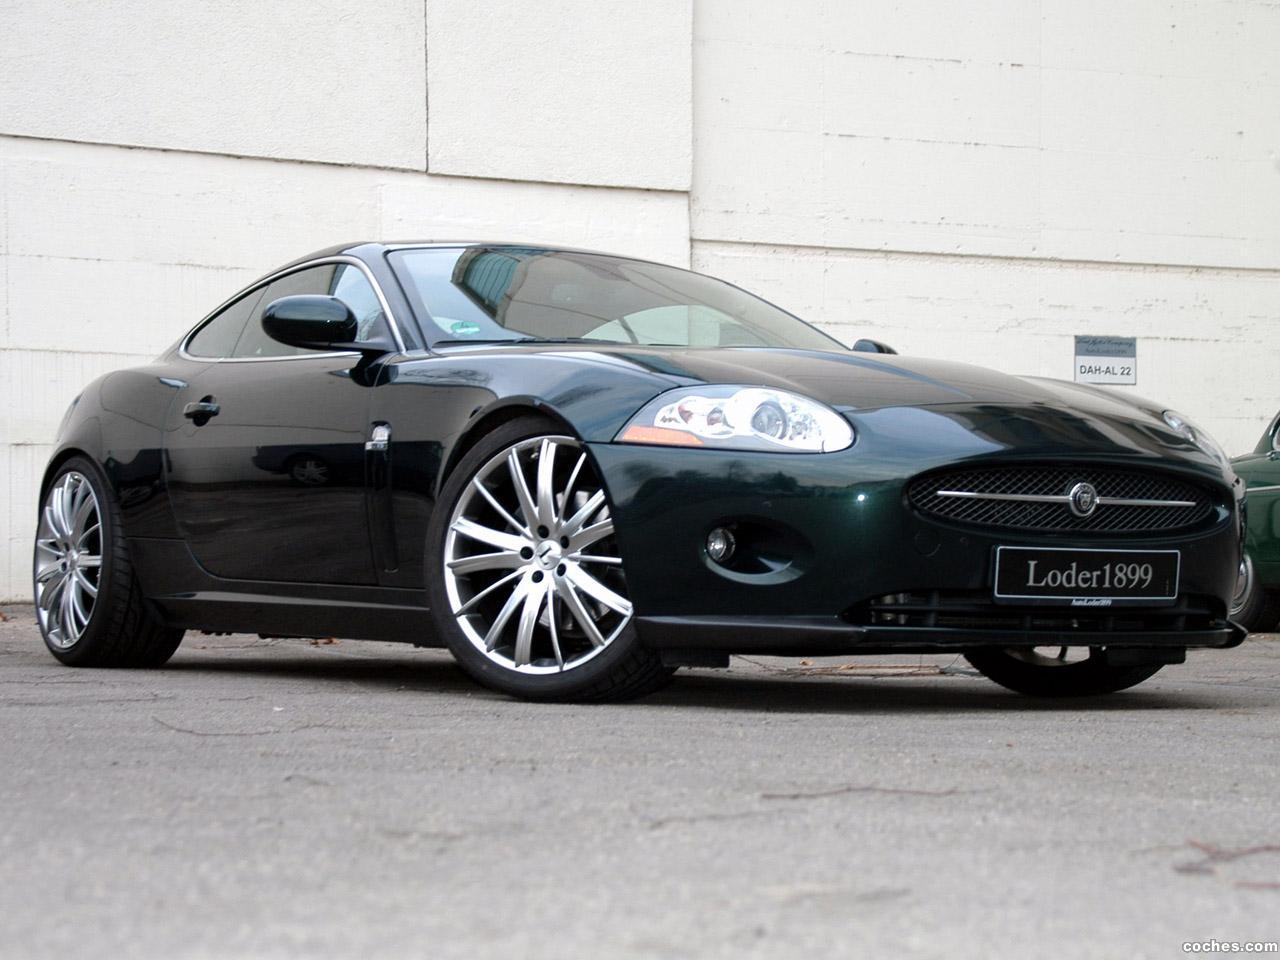 loder1899_jaguar-xk-coupe-2008-09_r1